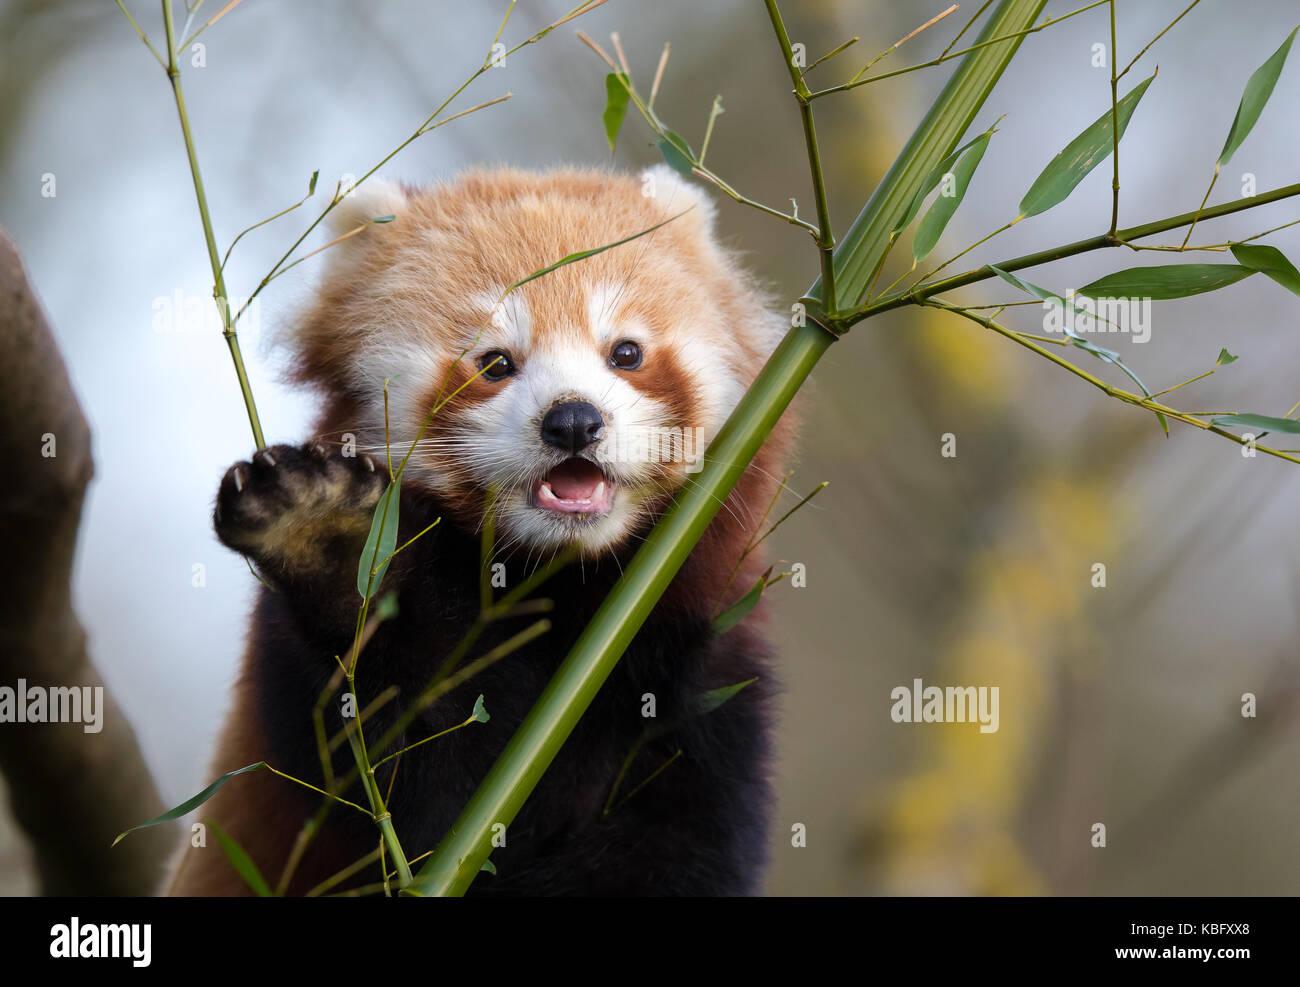 Detaillierte Nahaufnahme von mit offenem Mund, junge Rote Panda (Ailurus fulgens) im Baum mit vorderpfote in der Stockbild